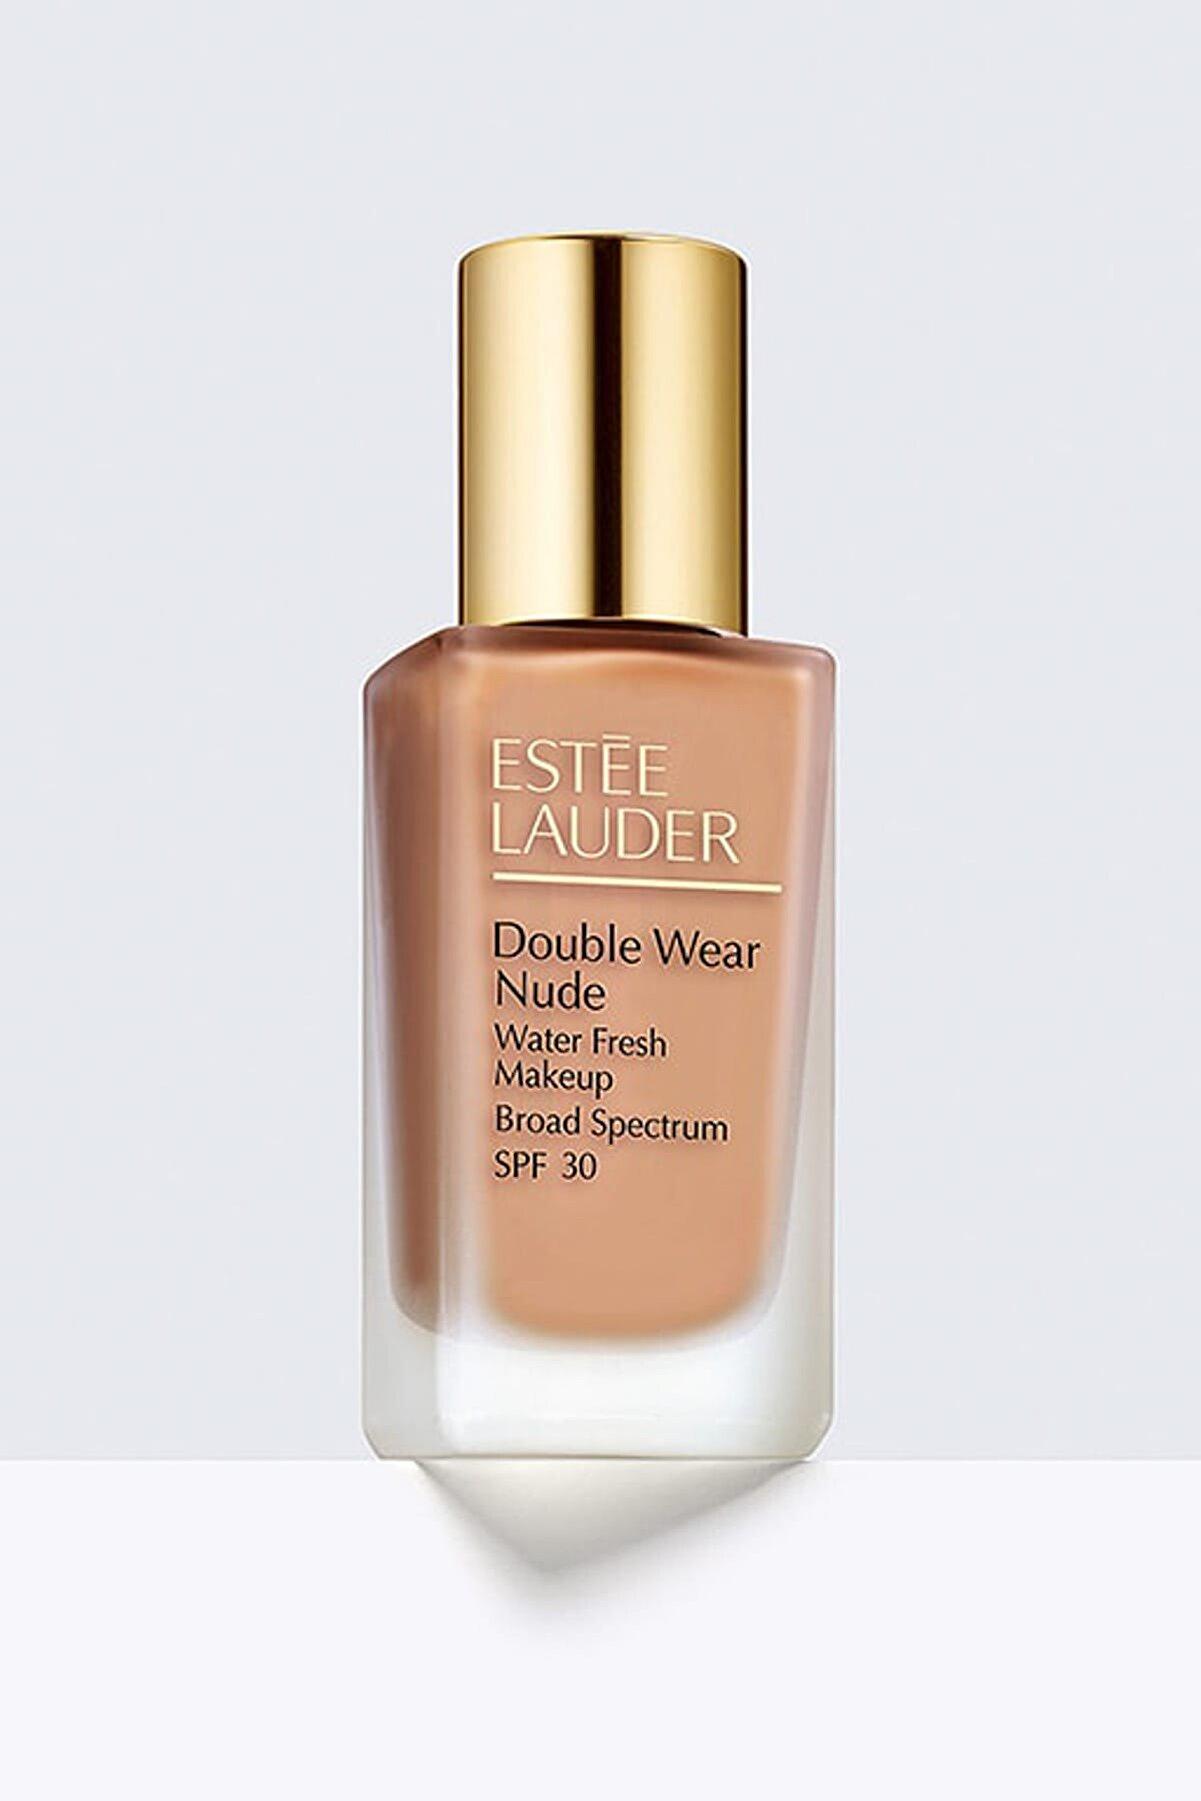 Estee Lauder Fondöten - Double Wear Nude Water Fresh Foundation Spf 30 3N130 ml 887167332096